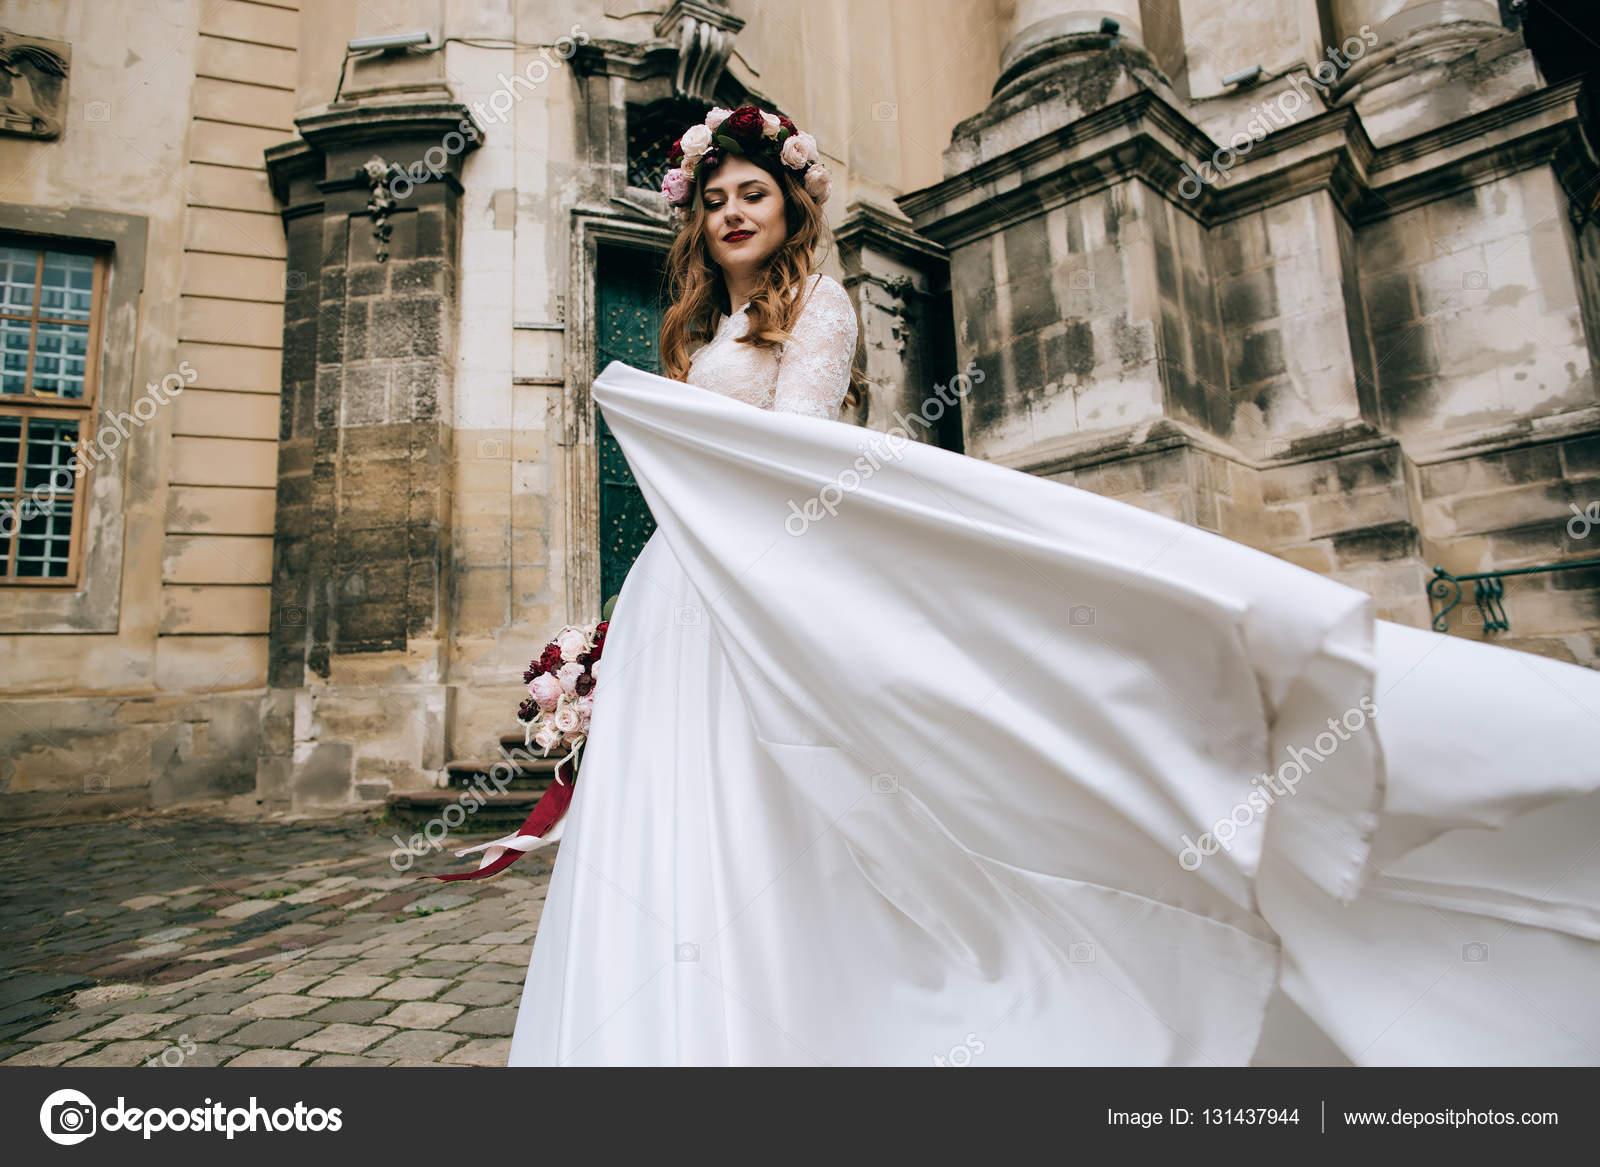 Mariee En Robe Blanche Et Couronne De Fleur Photographie Beorm